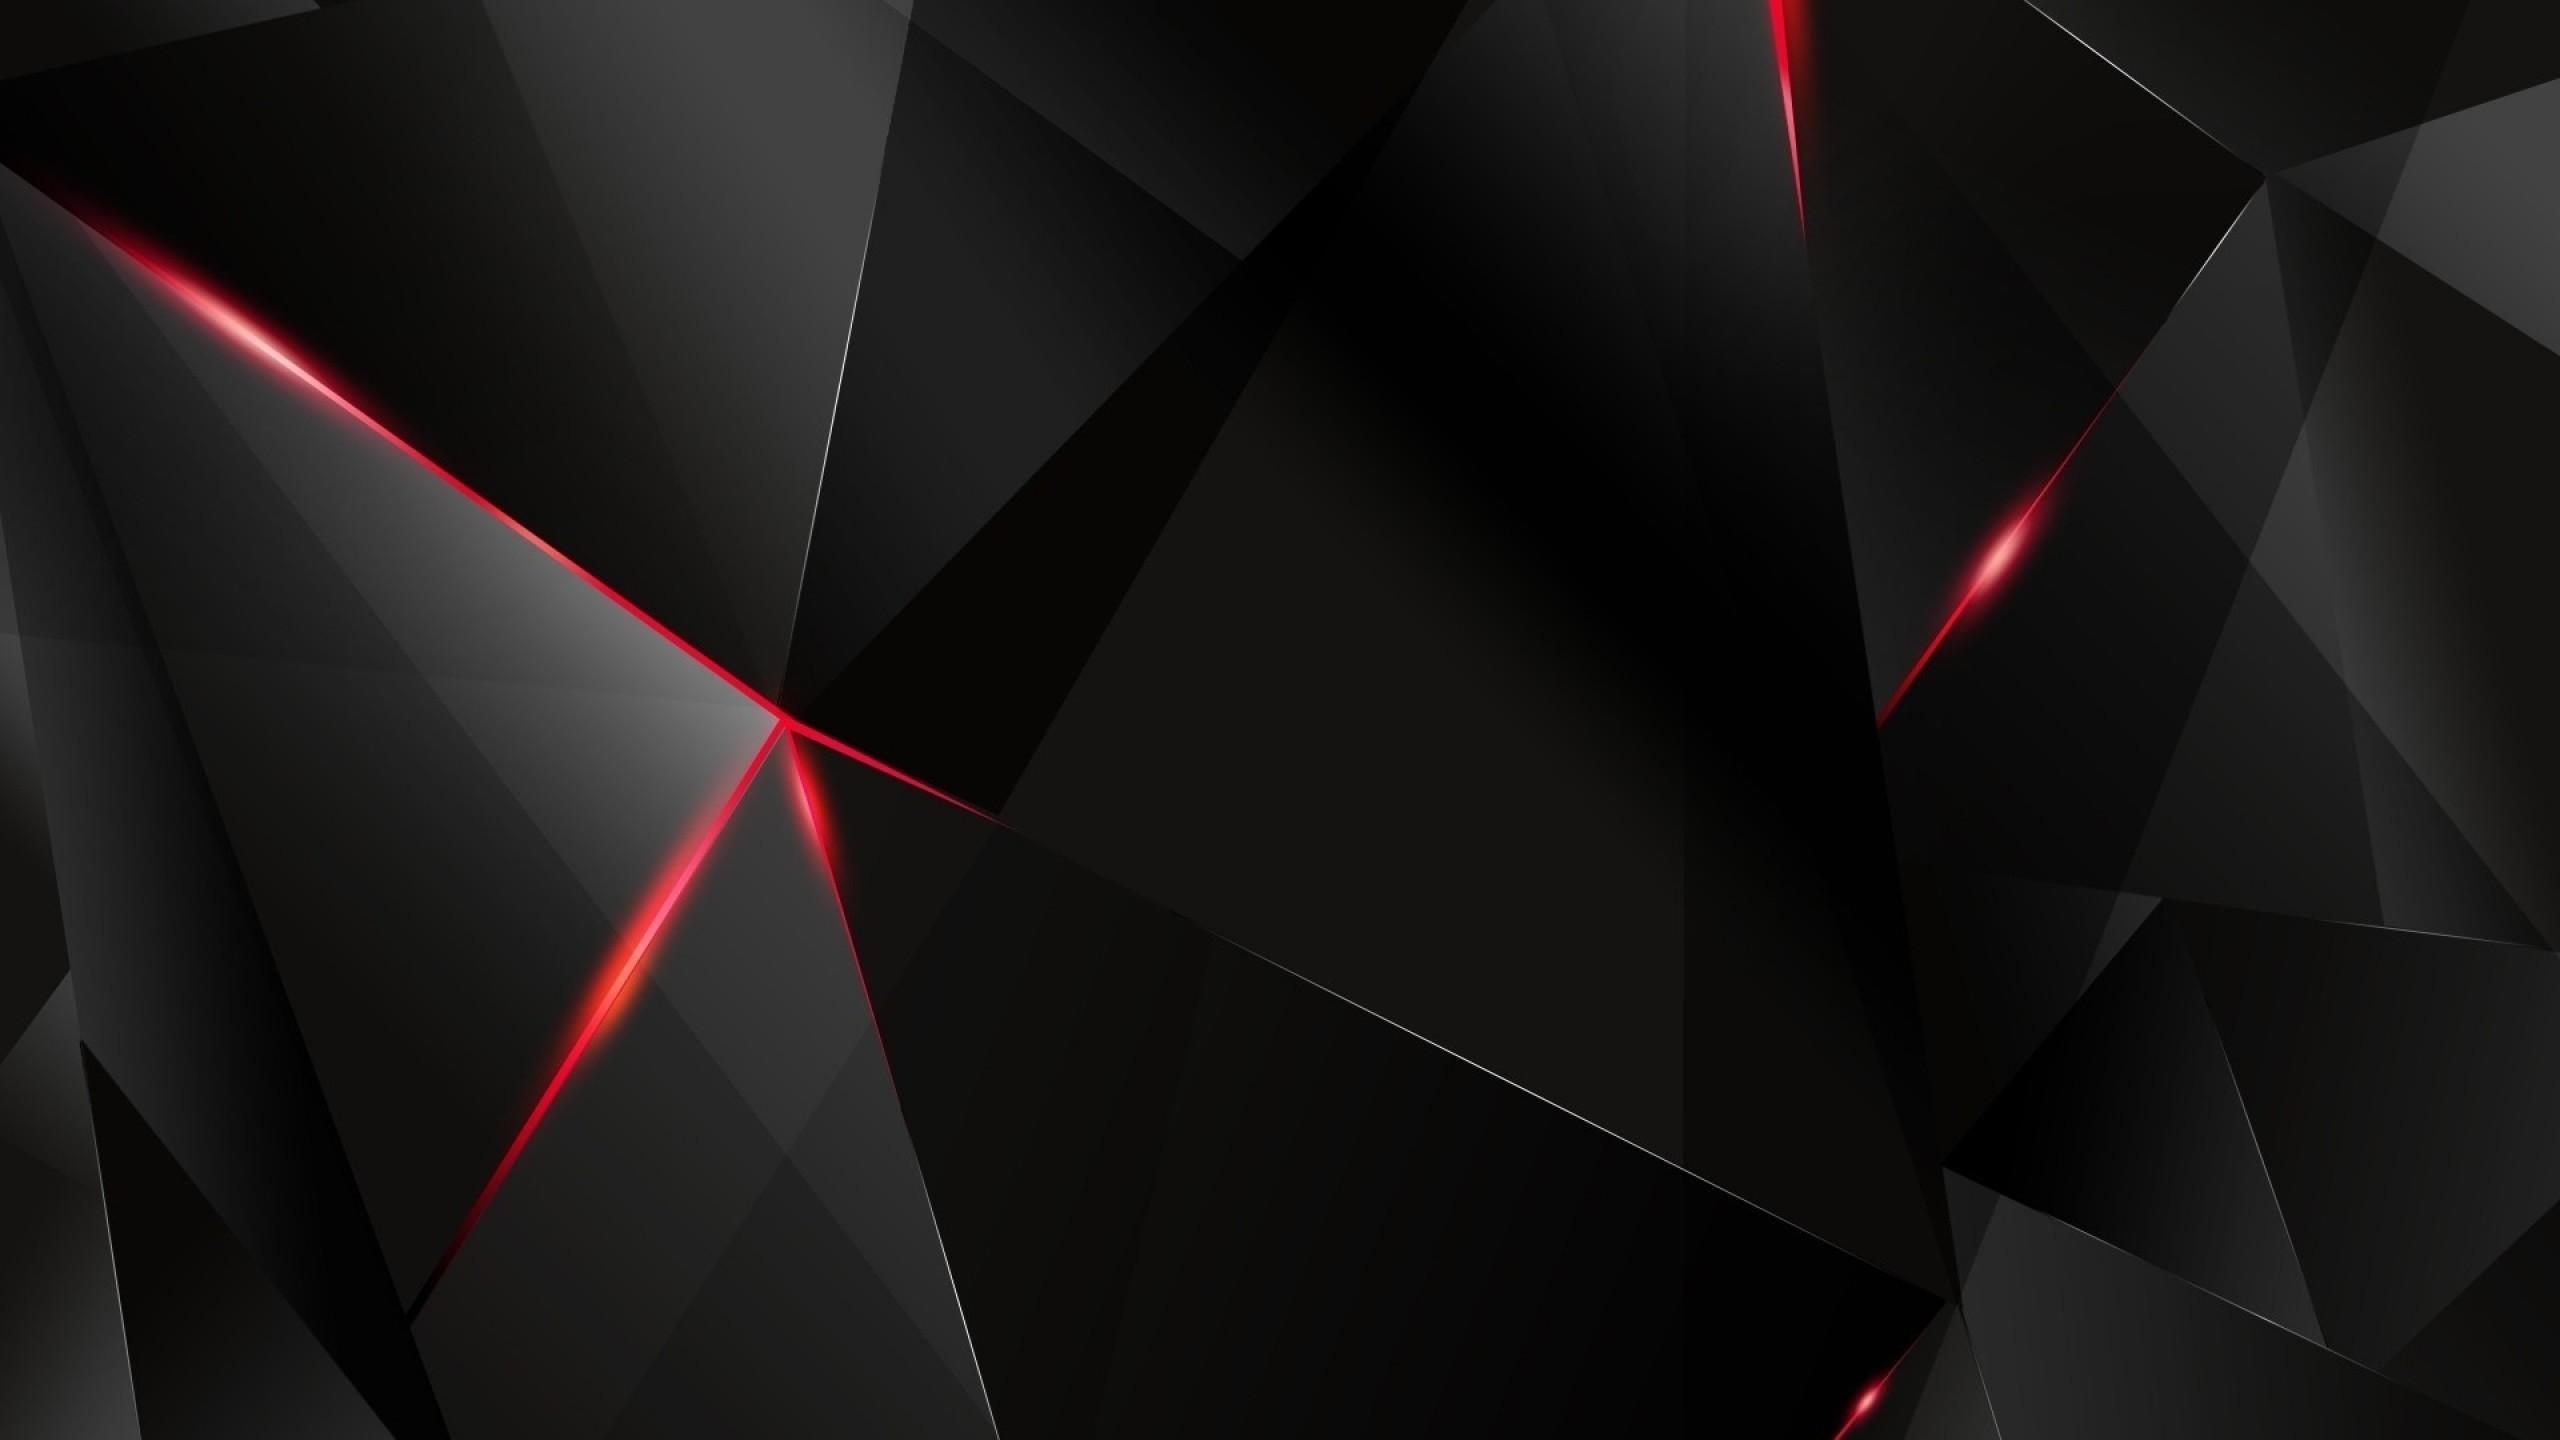 Res: 2560x1440, 2560×1440 Black Wallpaper ModaFinilsale Avec Wallpaper 2560 X 1440 Et  233940077 2560×1440 Black Wallpaper 65 Wallpaper 2560 X 1440 Sur La Cat  Gorie ...